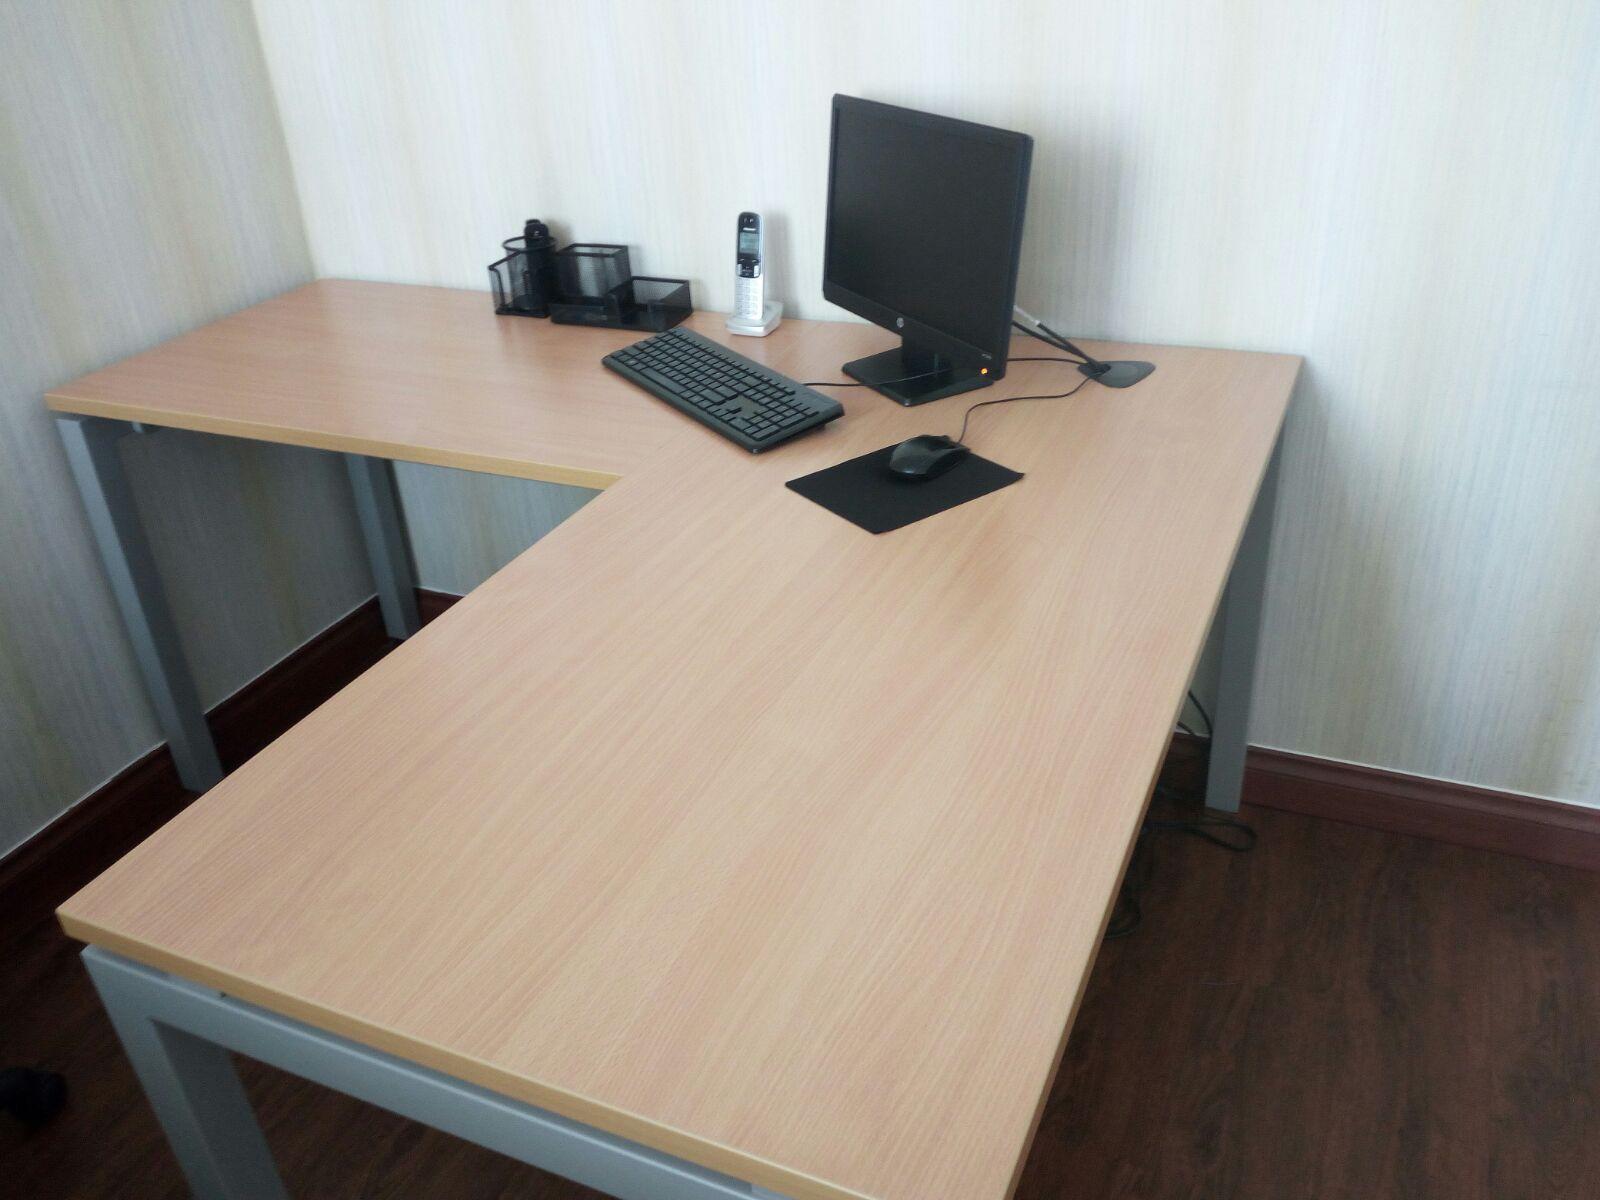 Muebles De Oficina De Madera.Plaza Libre Muebles Oficina Estaciones Modulares Madera Y